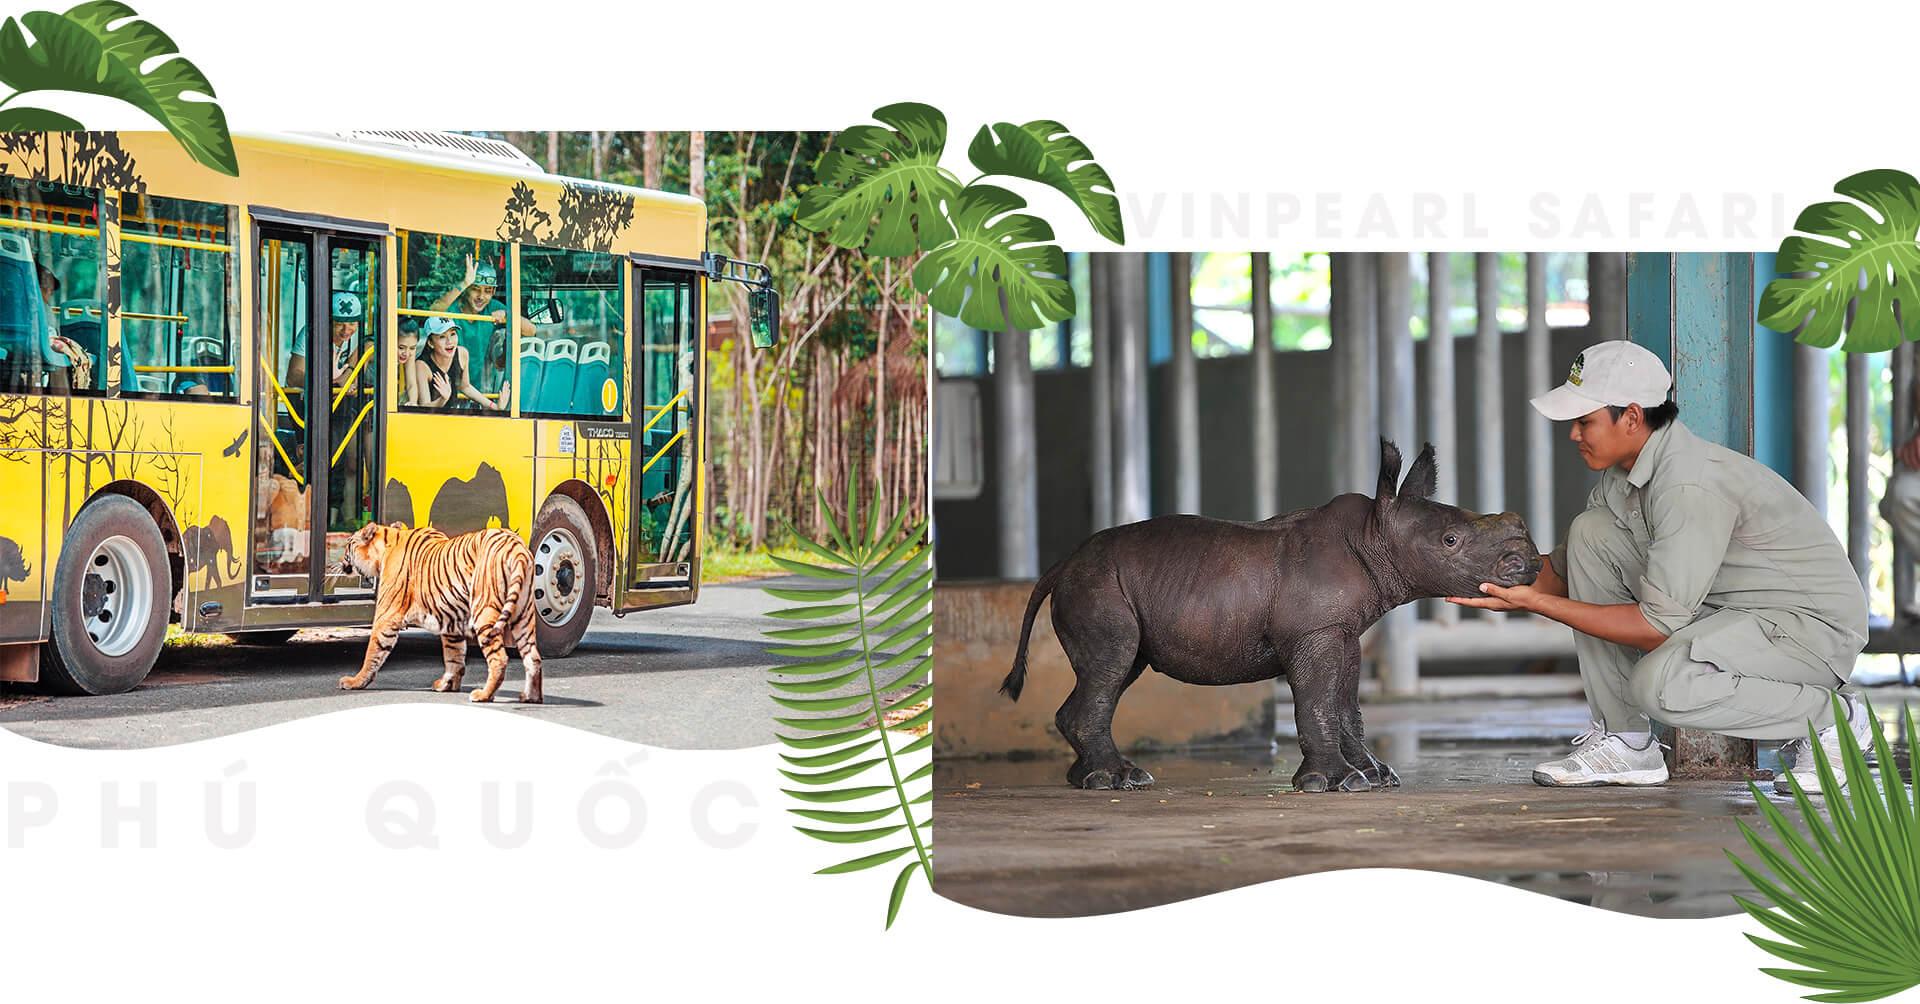 những trải nghiệm chỉ có ở hội an, nha trang, phú quốc - pics6 - Những trải nghiệm chỉ có ở Hội An, Nha Trang, Phú Quốc